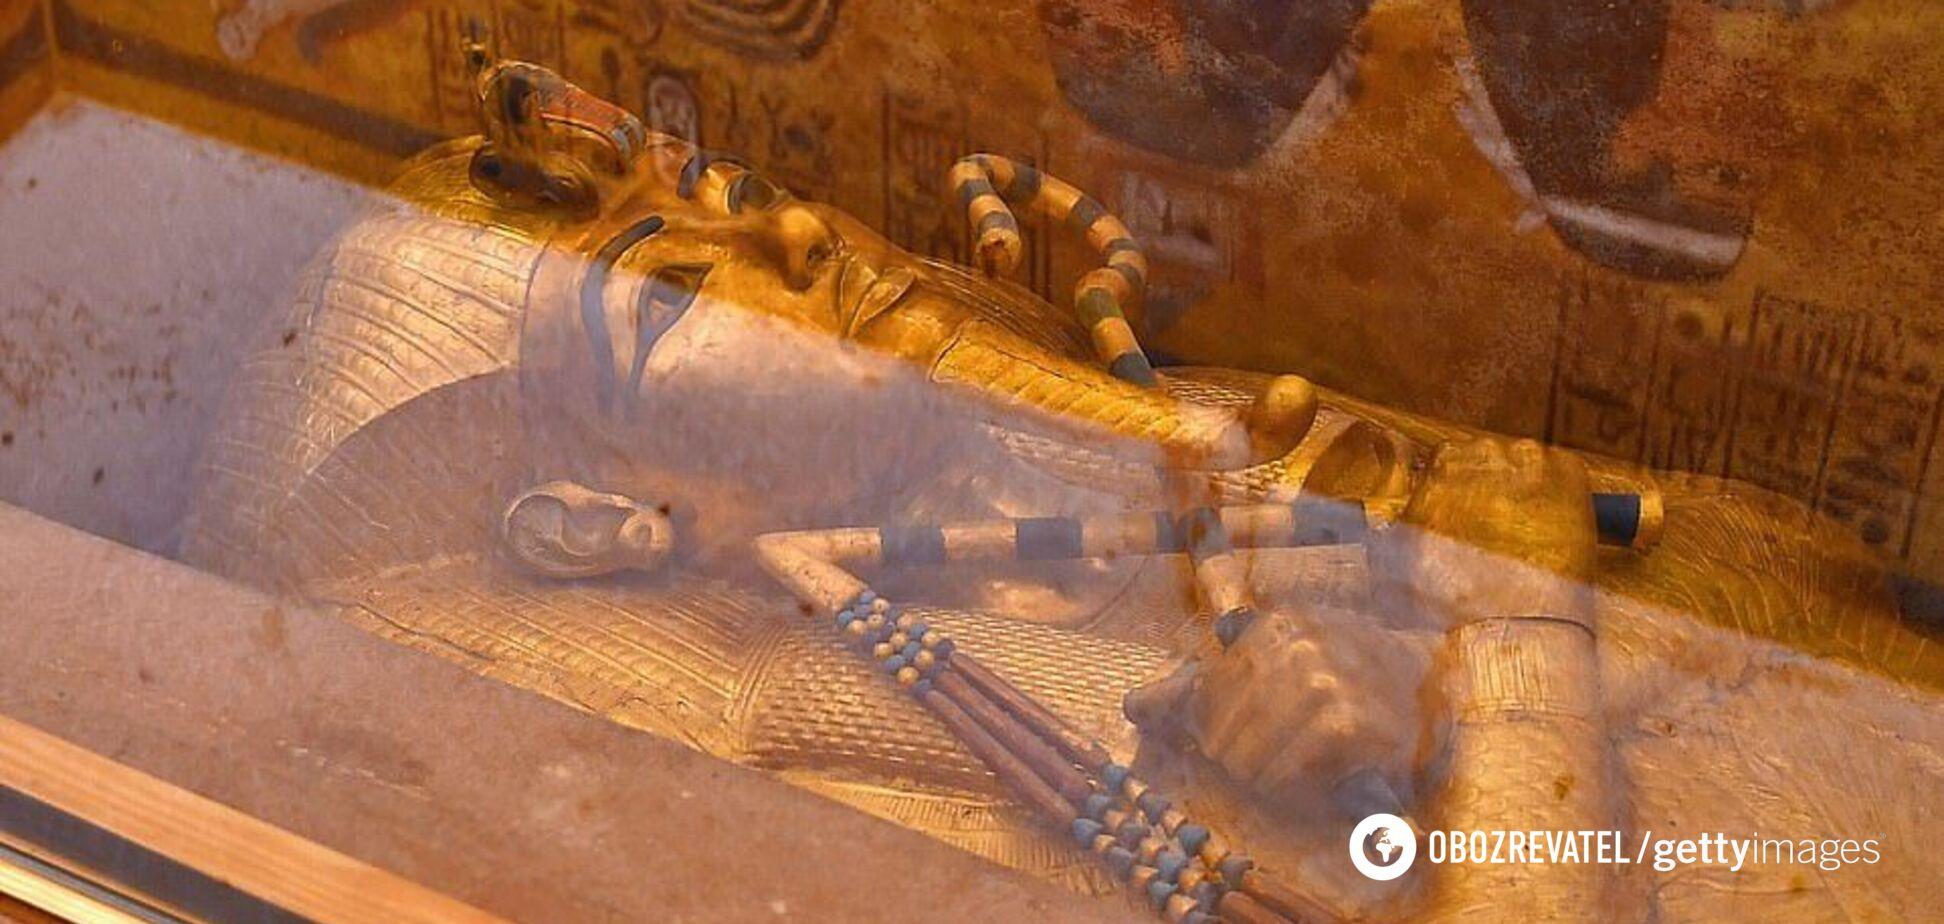 Ученые думали 100 лет: раскрыта одна из загадок 'проклятия' гробницы фараона Тутанхамона